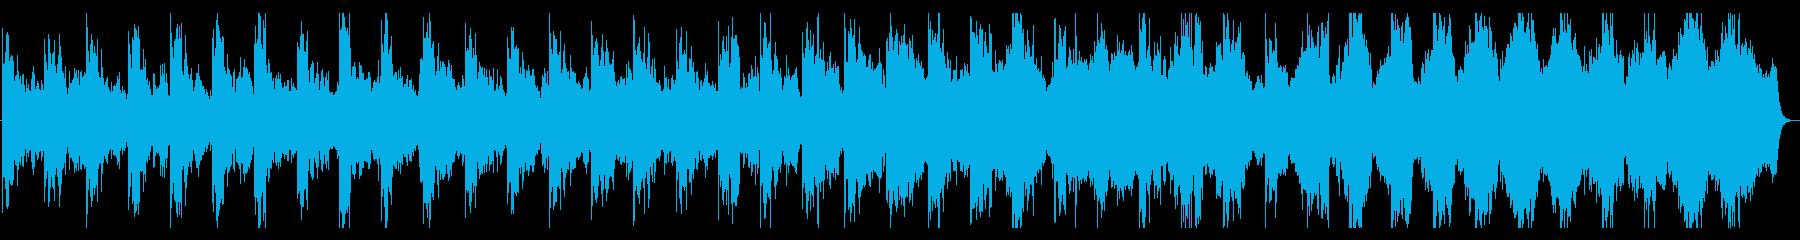 不穏でミステリアスな劇伴曲の再生済みの波形